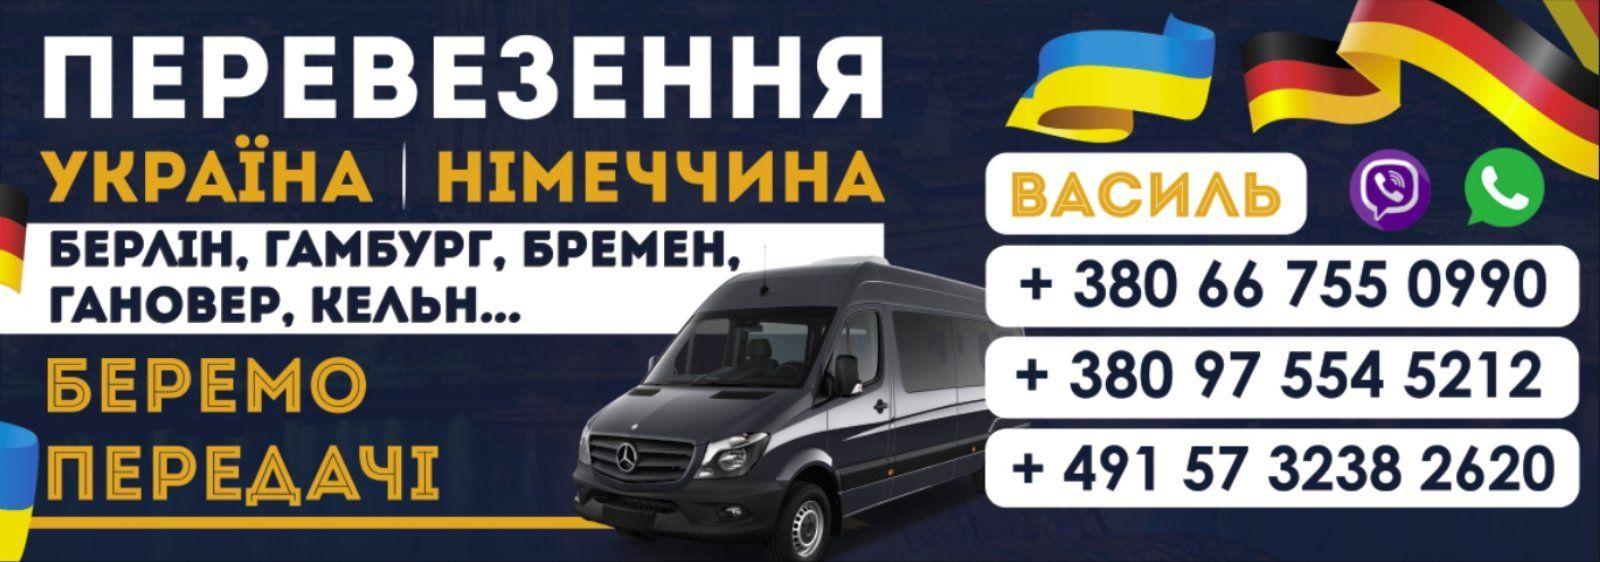 Пасажирські перевезення Україна-Німеччина